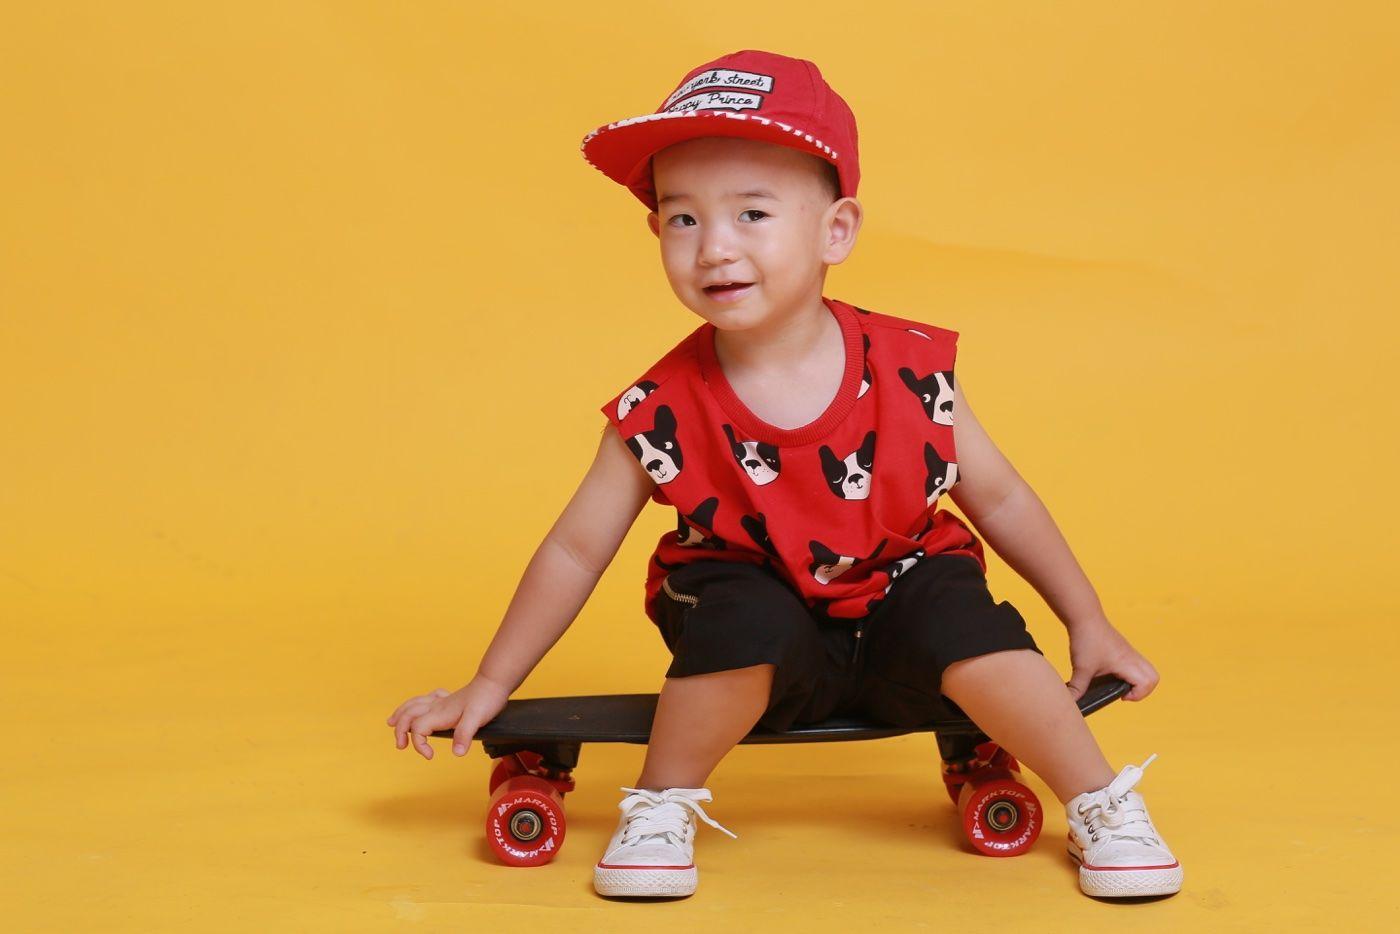 萝莉波波高端儿童摄影工作室-相册-深圳-大众点评网